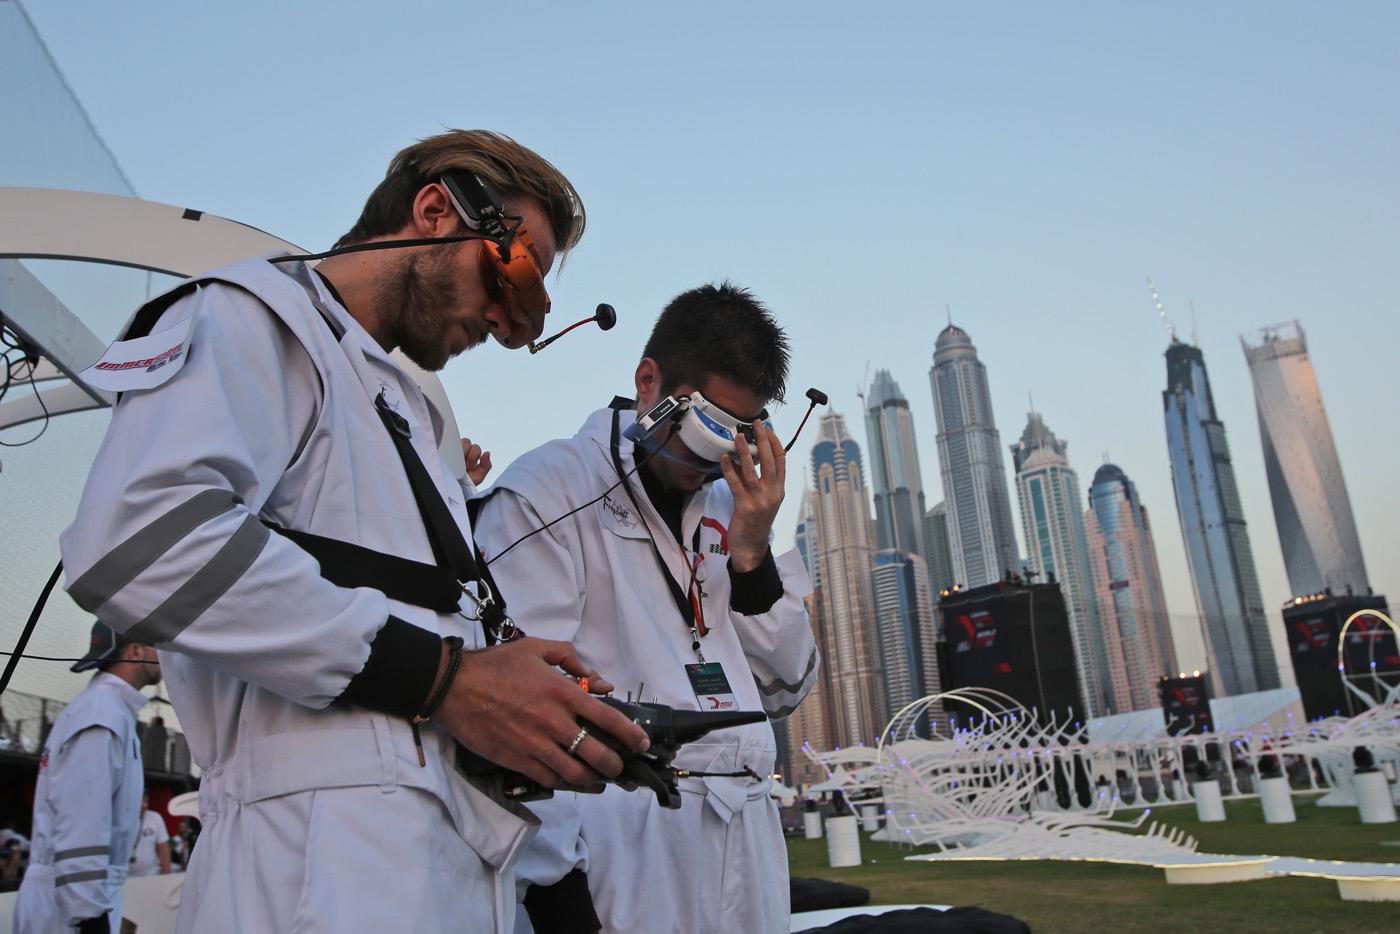 杜拜將推世界機器人運動大賽,項目包括游泳、跑步、摔角與賽車